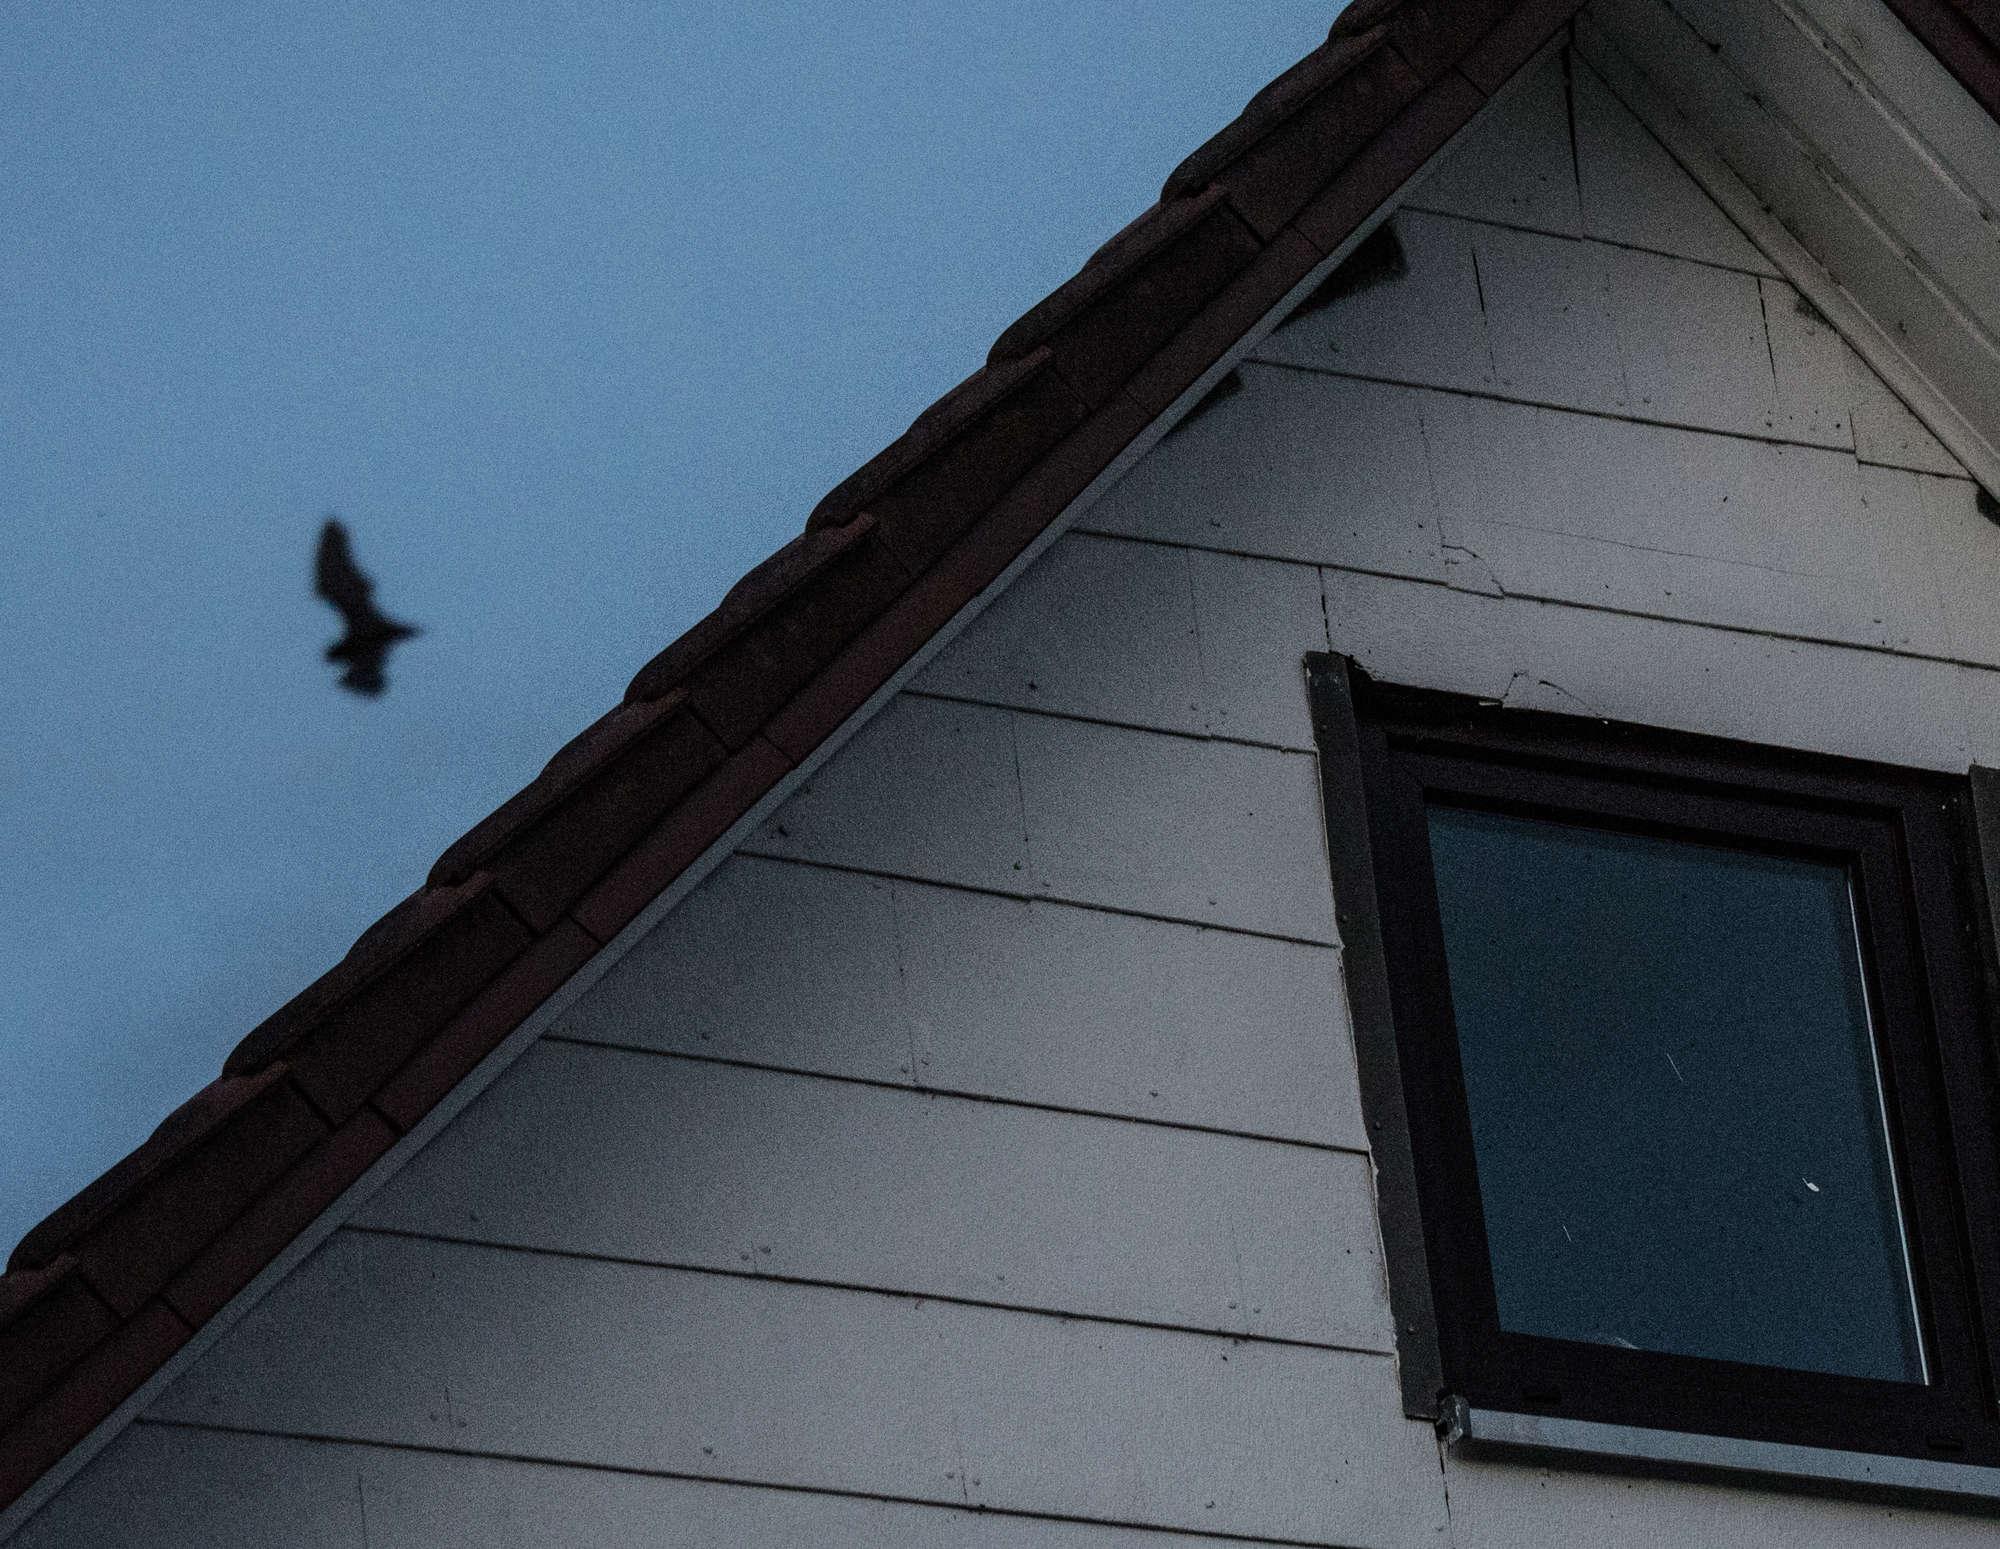 Fledermäuse unterm Dach 1_1_vo15